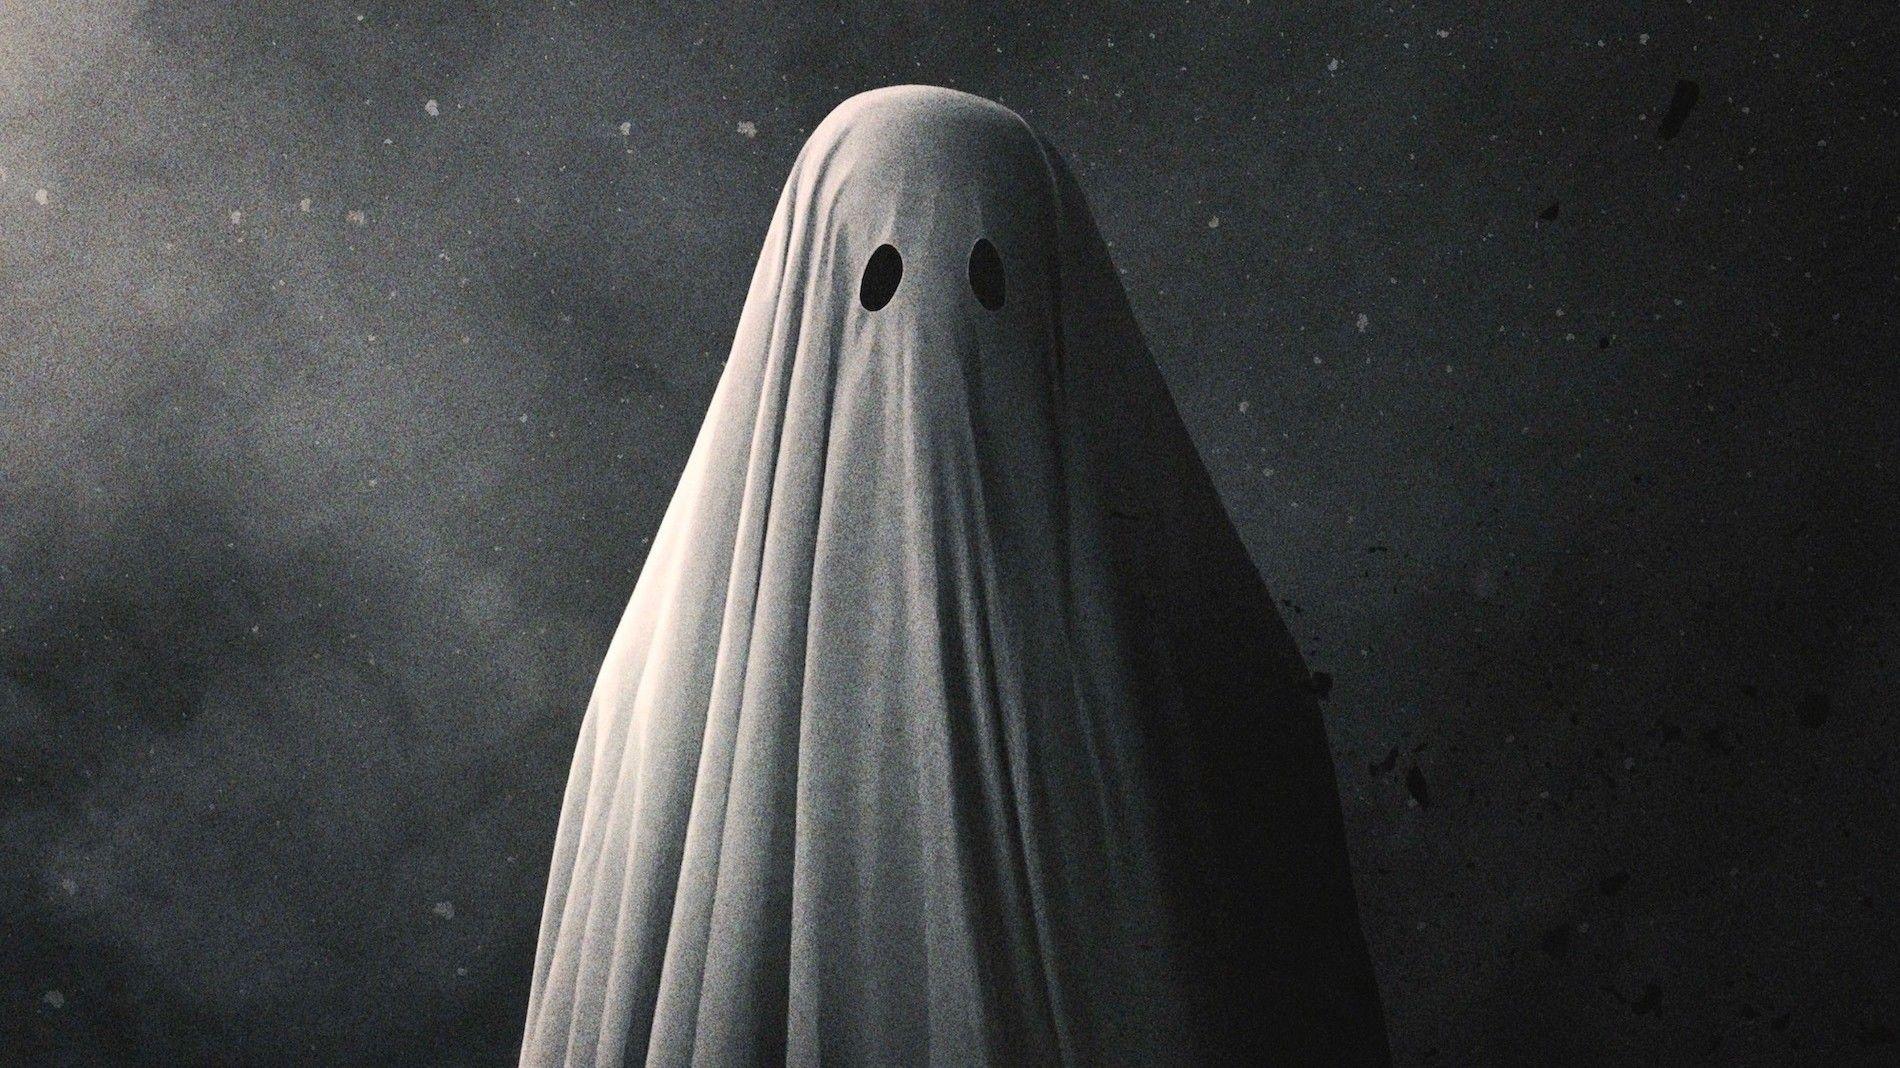 Photo of 表情も言葉もなく佇むだけの幽霊の存在が、たまらなく切ない!『A GHOST STORY』(紀平照幸) – Yahoo!ニ…